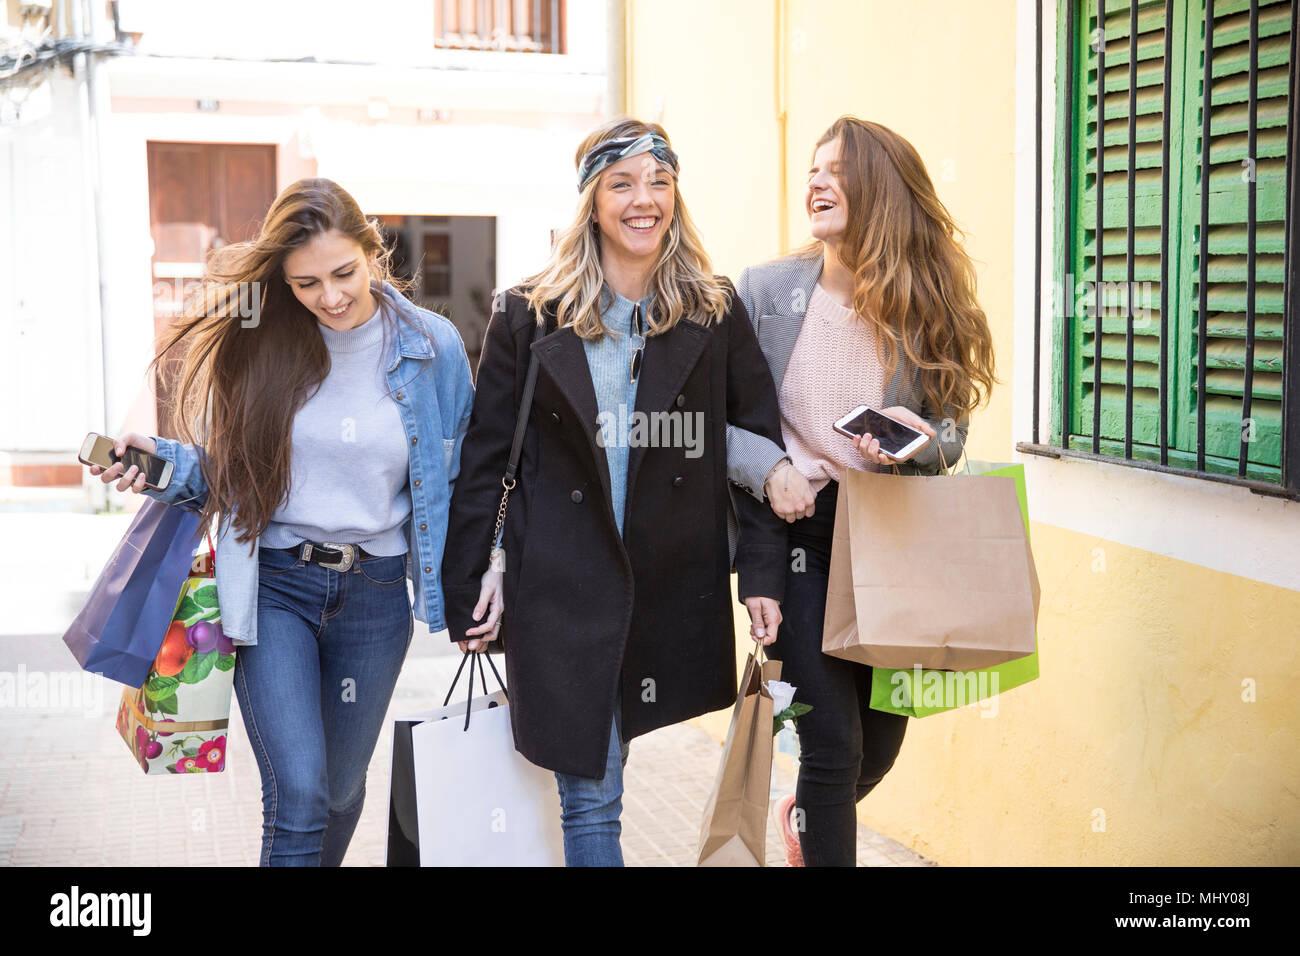 Gli amici di shopping e ridere in strada Immagini Stock